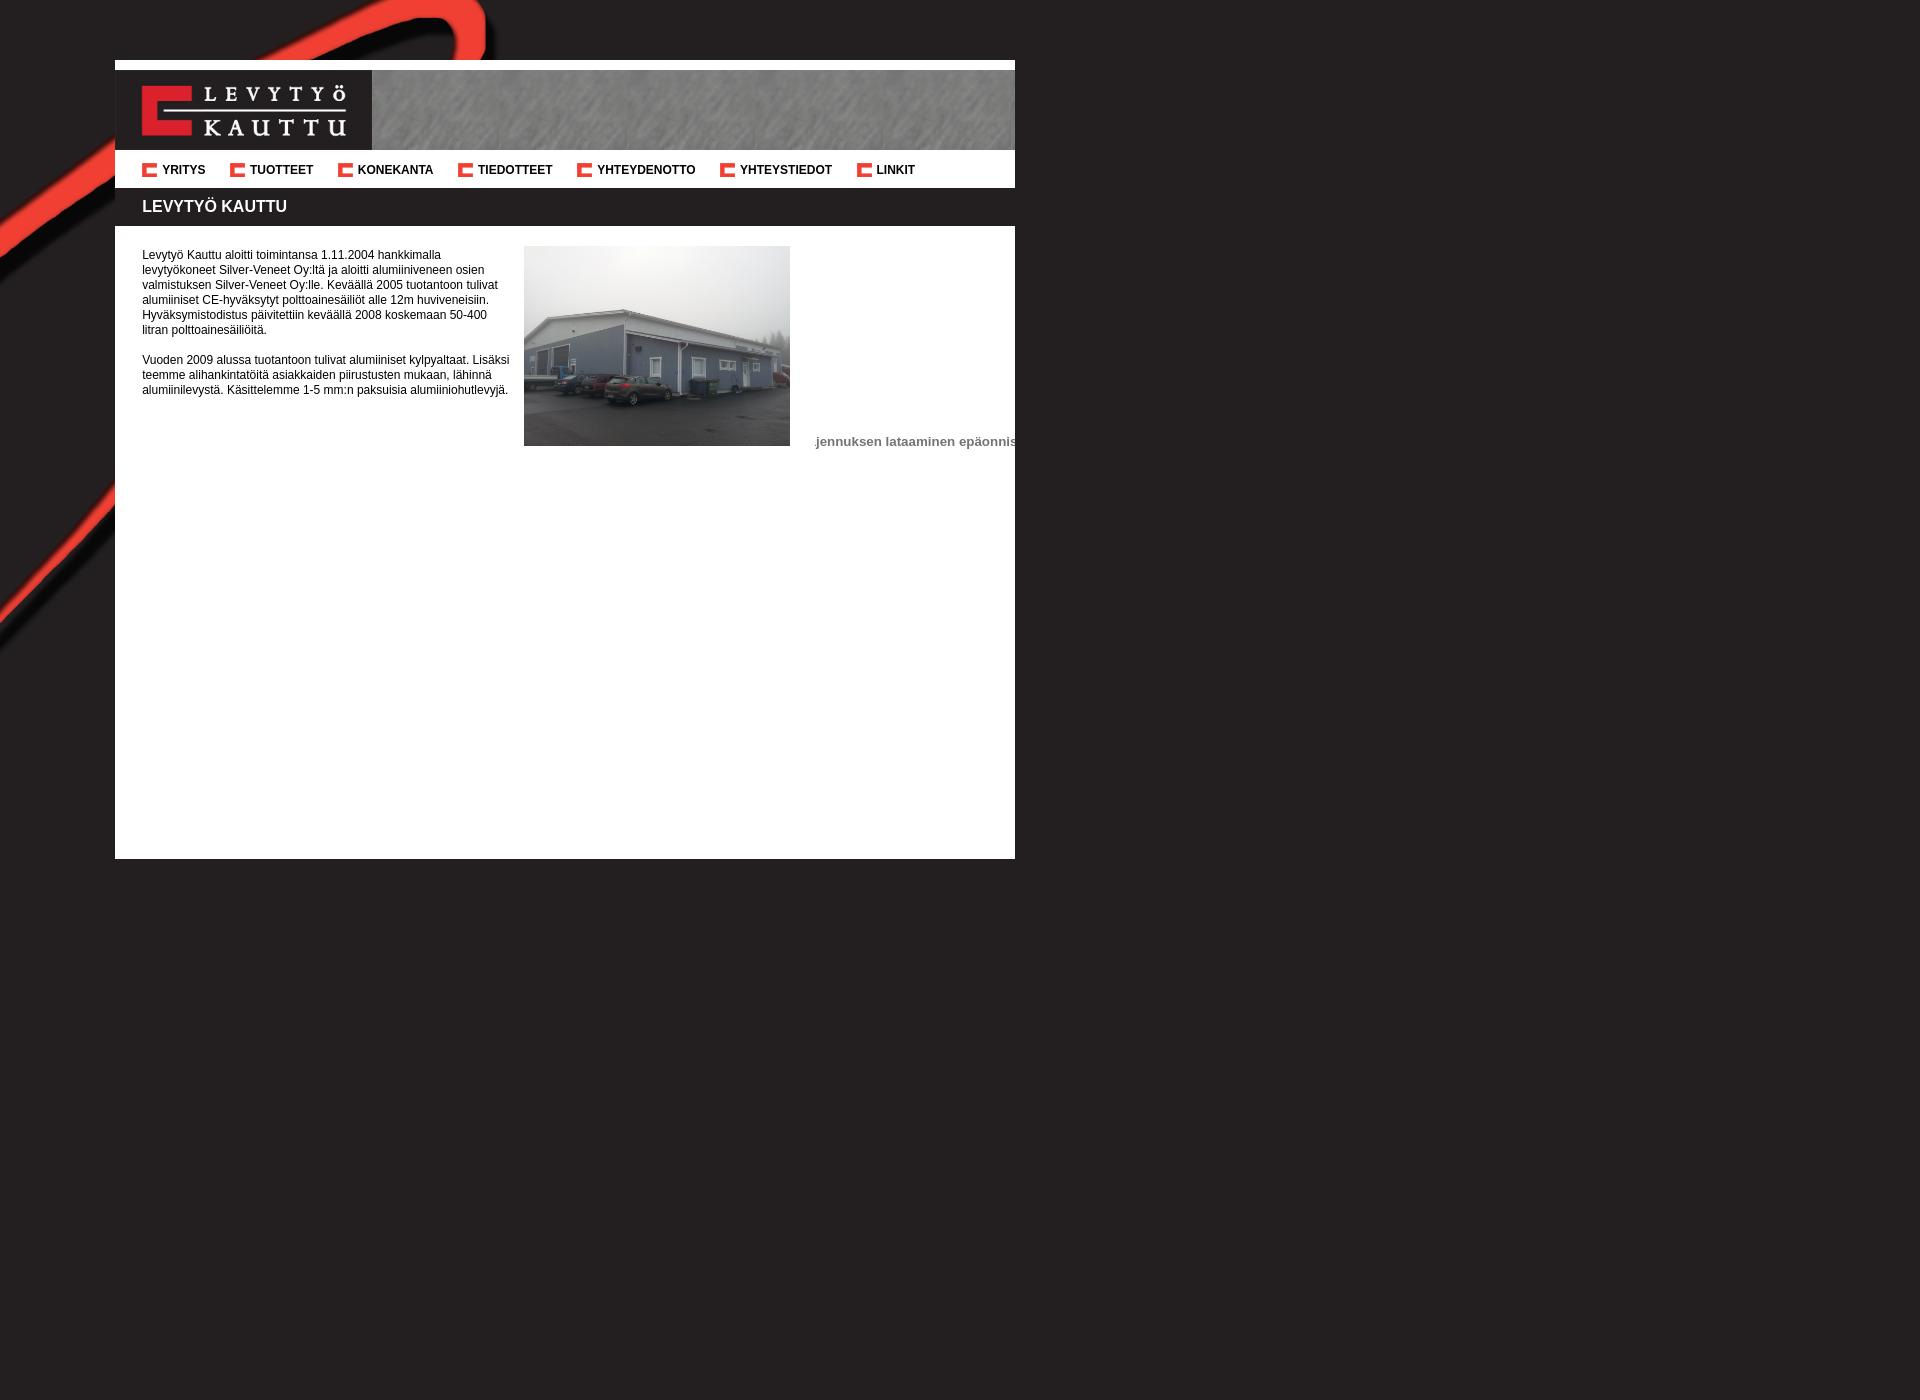 Screenshot for levytyokauttu.fi